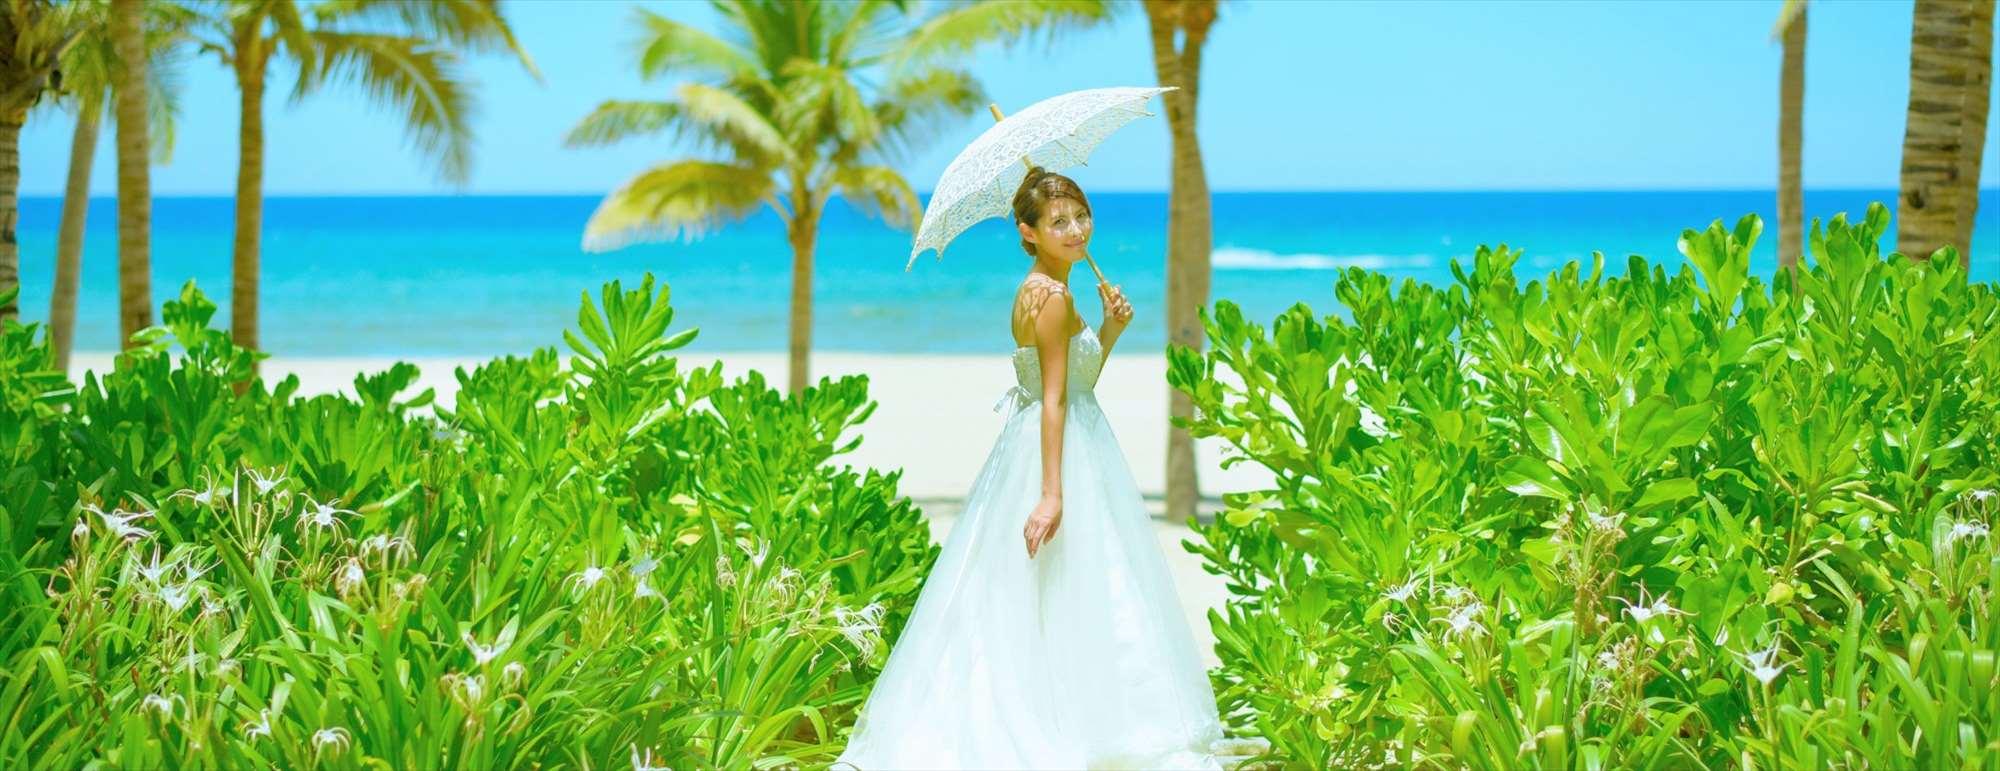 ベトナム・ダナン・ビーチウェディング<br /> Premier Village Danang Resort Beach Wedding<br /> プレミア・ビレッジ・ダナン・リゾート挙式